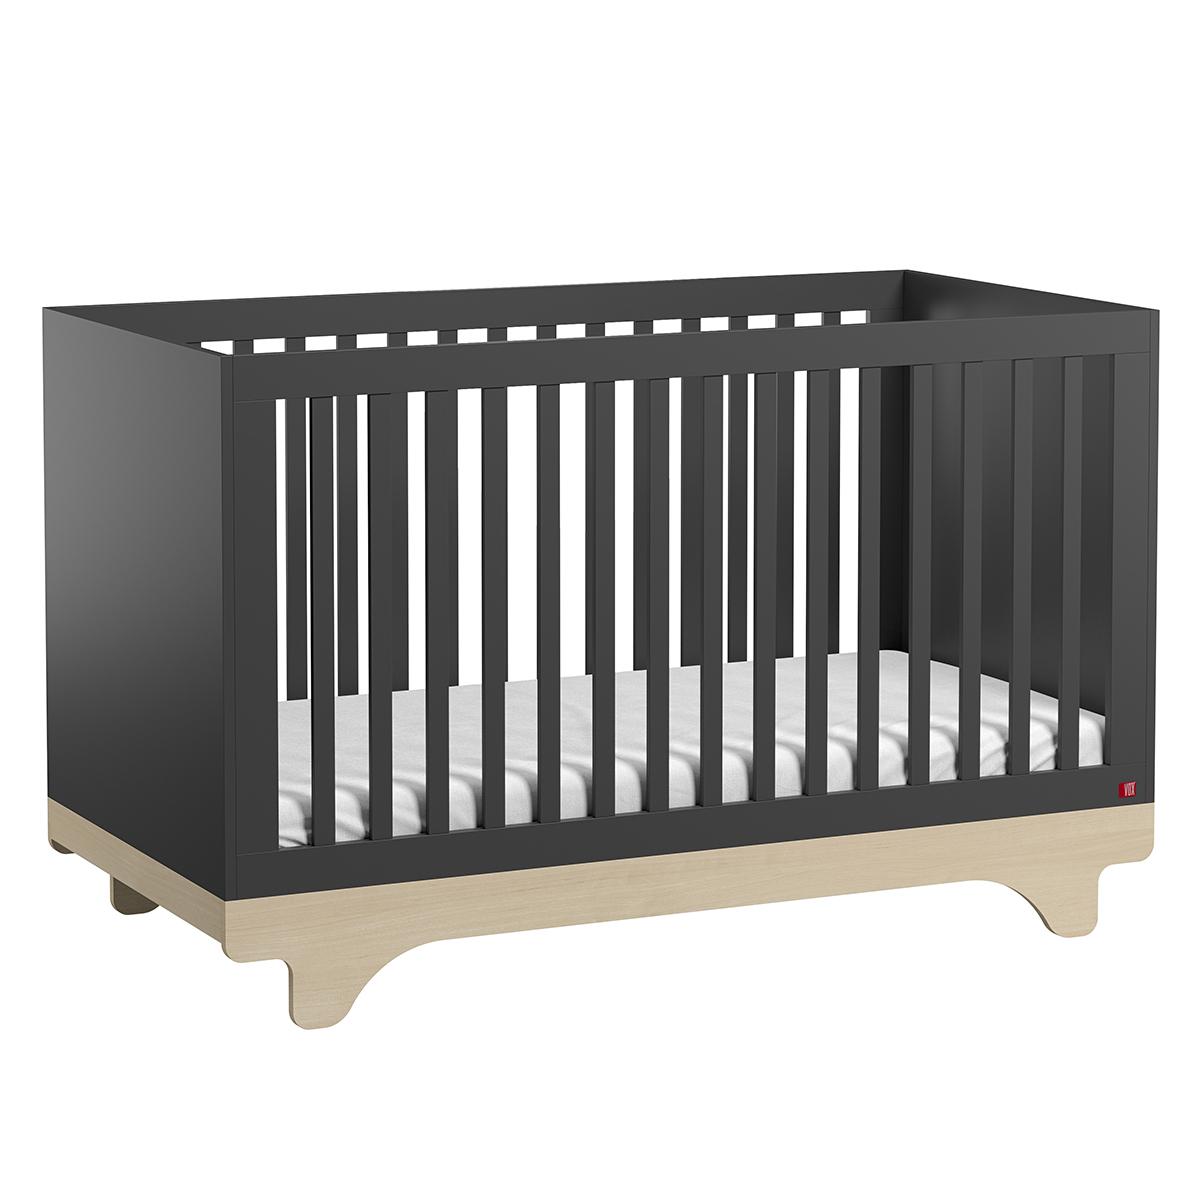 Lit bébé Lit Bébé Evolutif Playwood Graphite et Bois - 70 x 140 cm